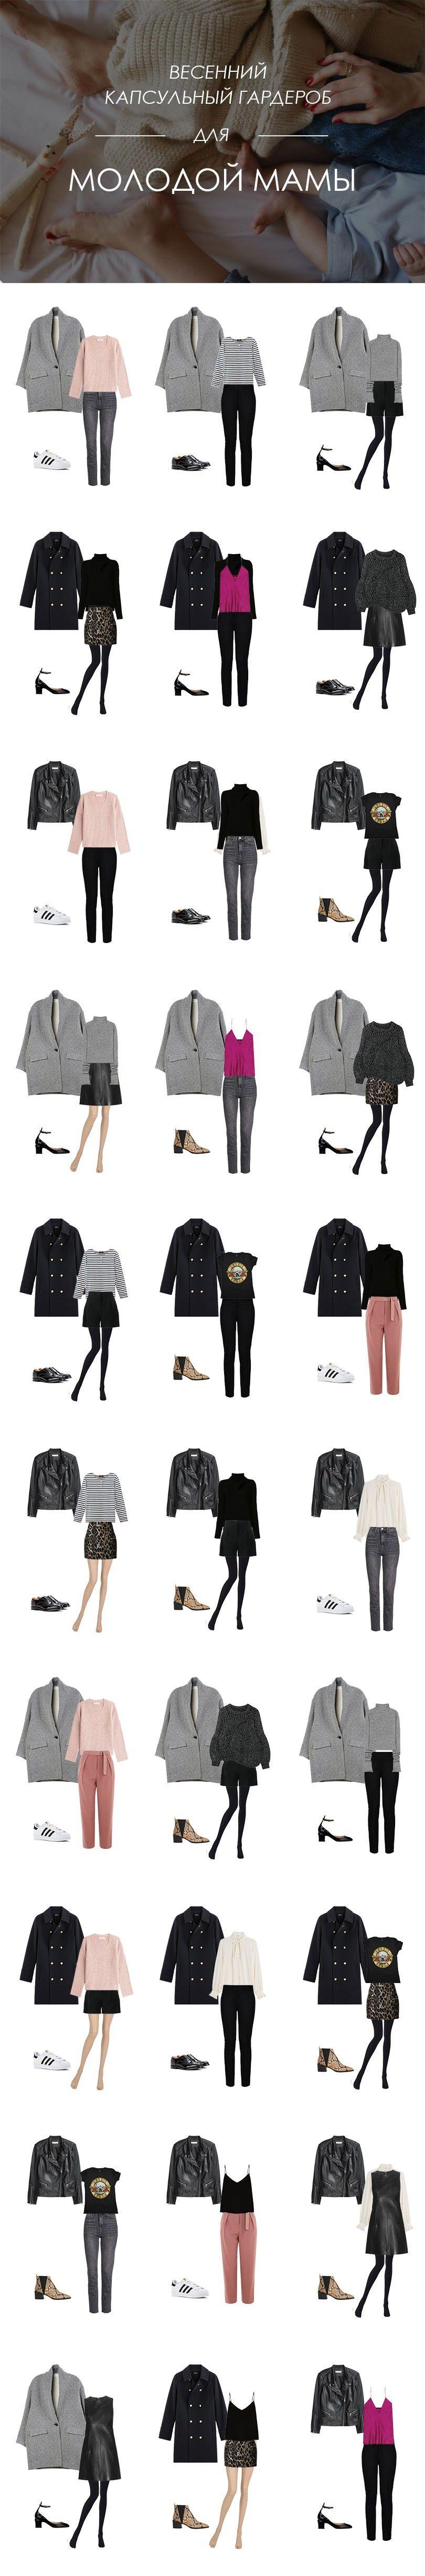 Капсульный гардероб на весну для молодой мамы #мода #стиль #весеннийгардероб #капсула #каксоздатьгардероб #модныйлуки #стильныеобразы #гардеробмолодоймамы #молодаямама #мама #стильныенаряды #весеннийобраз #весеннийнаряд #модныйгардероб #минимализм #capsulewardrobeformom #wardrobeformommy #minimalism #springcapsulewardrobe #весеннийгардероб2017 #модныйгардероб2017 #стильрок #стильпанк #спортивныйстиль #городскойшик #стильныемамы #модныемамы #гардеробмолодоймамы #гардеробмамы